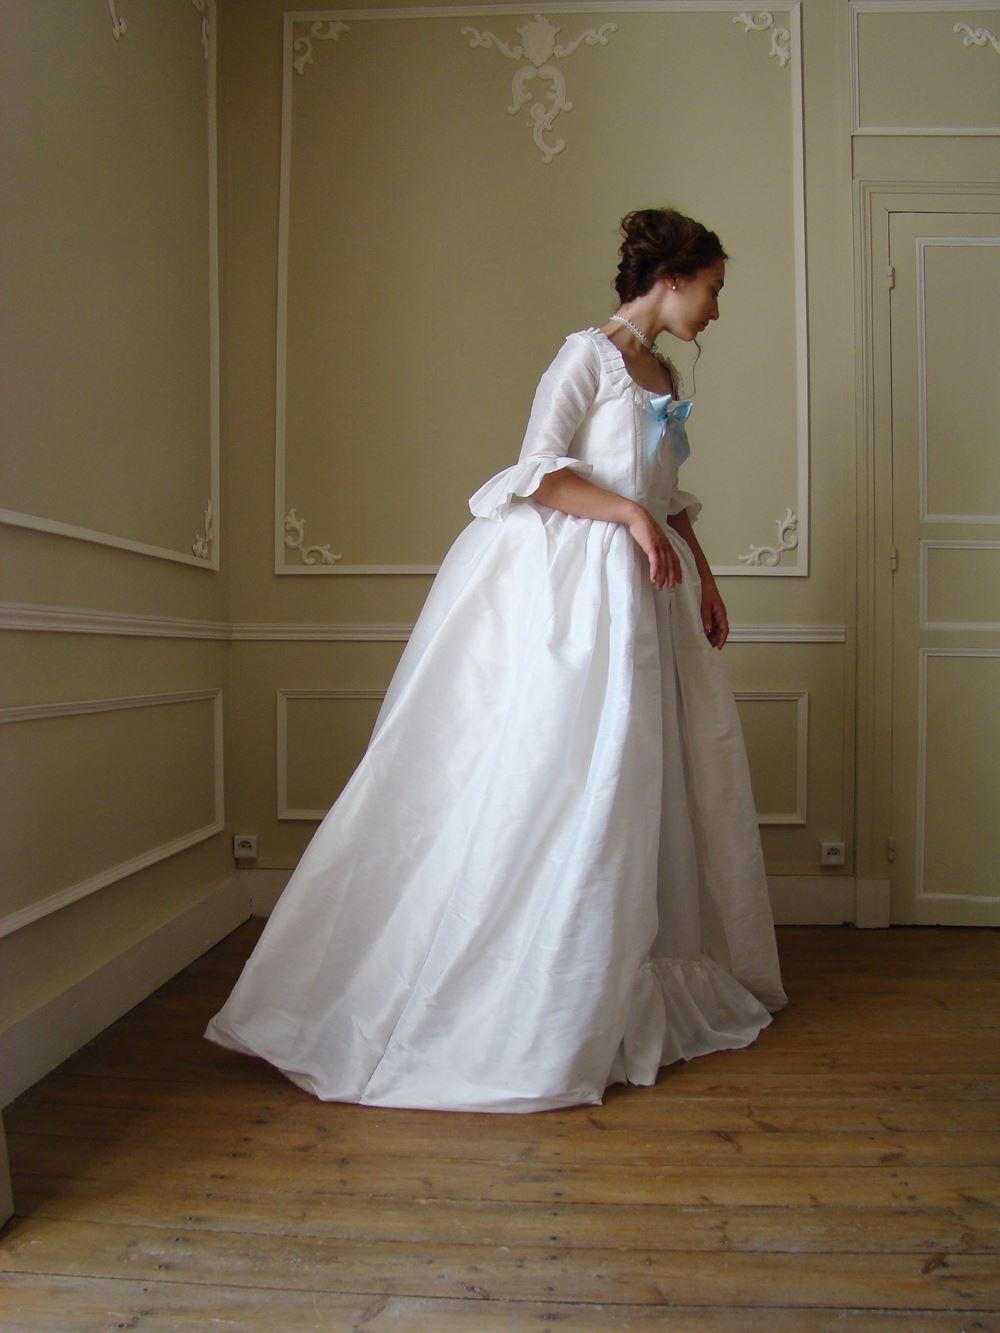 18ème Du Sauvage En Robe Marie Soie Antoinette Yy76vbfg